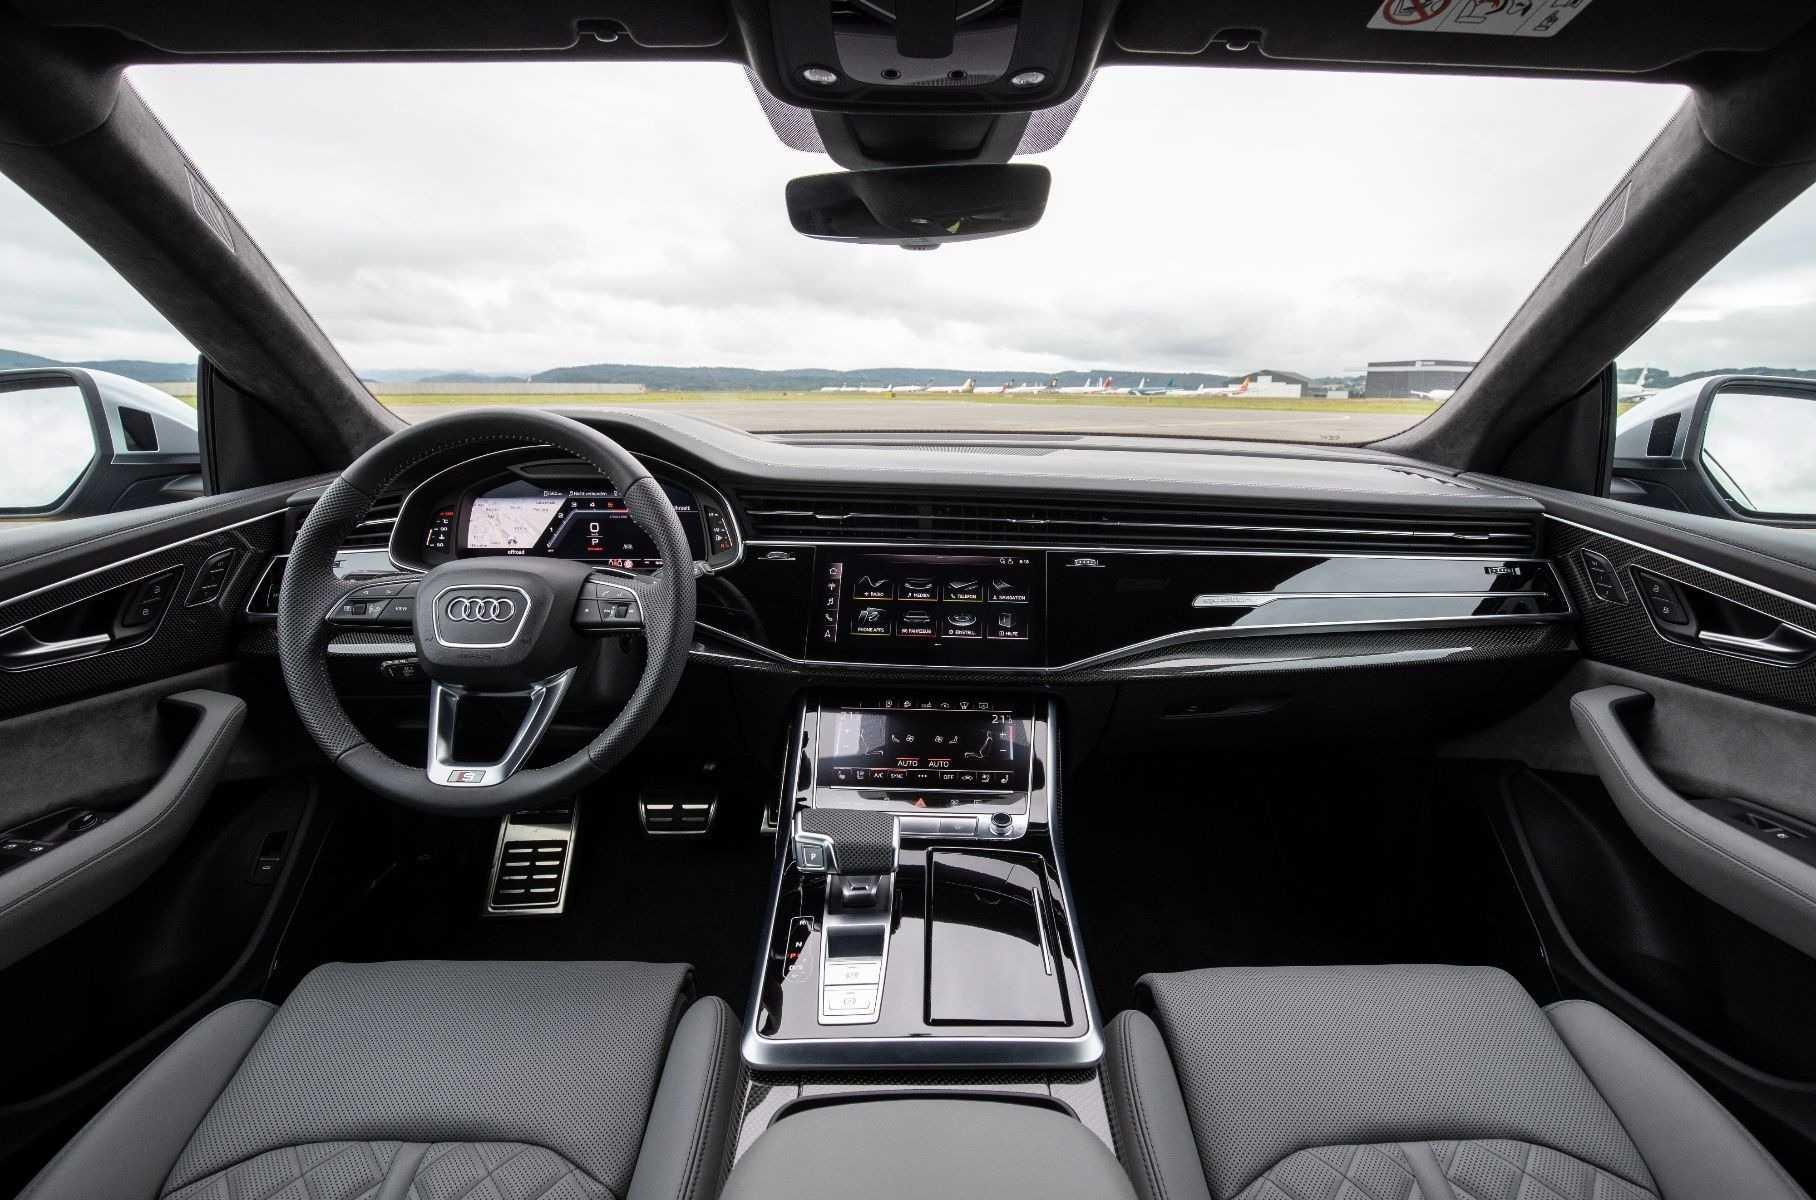 Обзор ауди s8 2020 модельного года: фото и характеристики новой модели